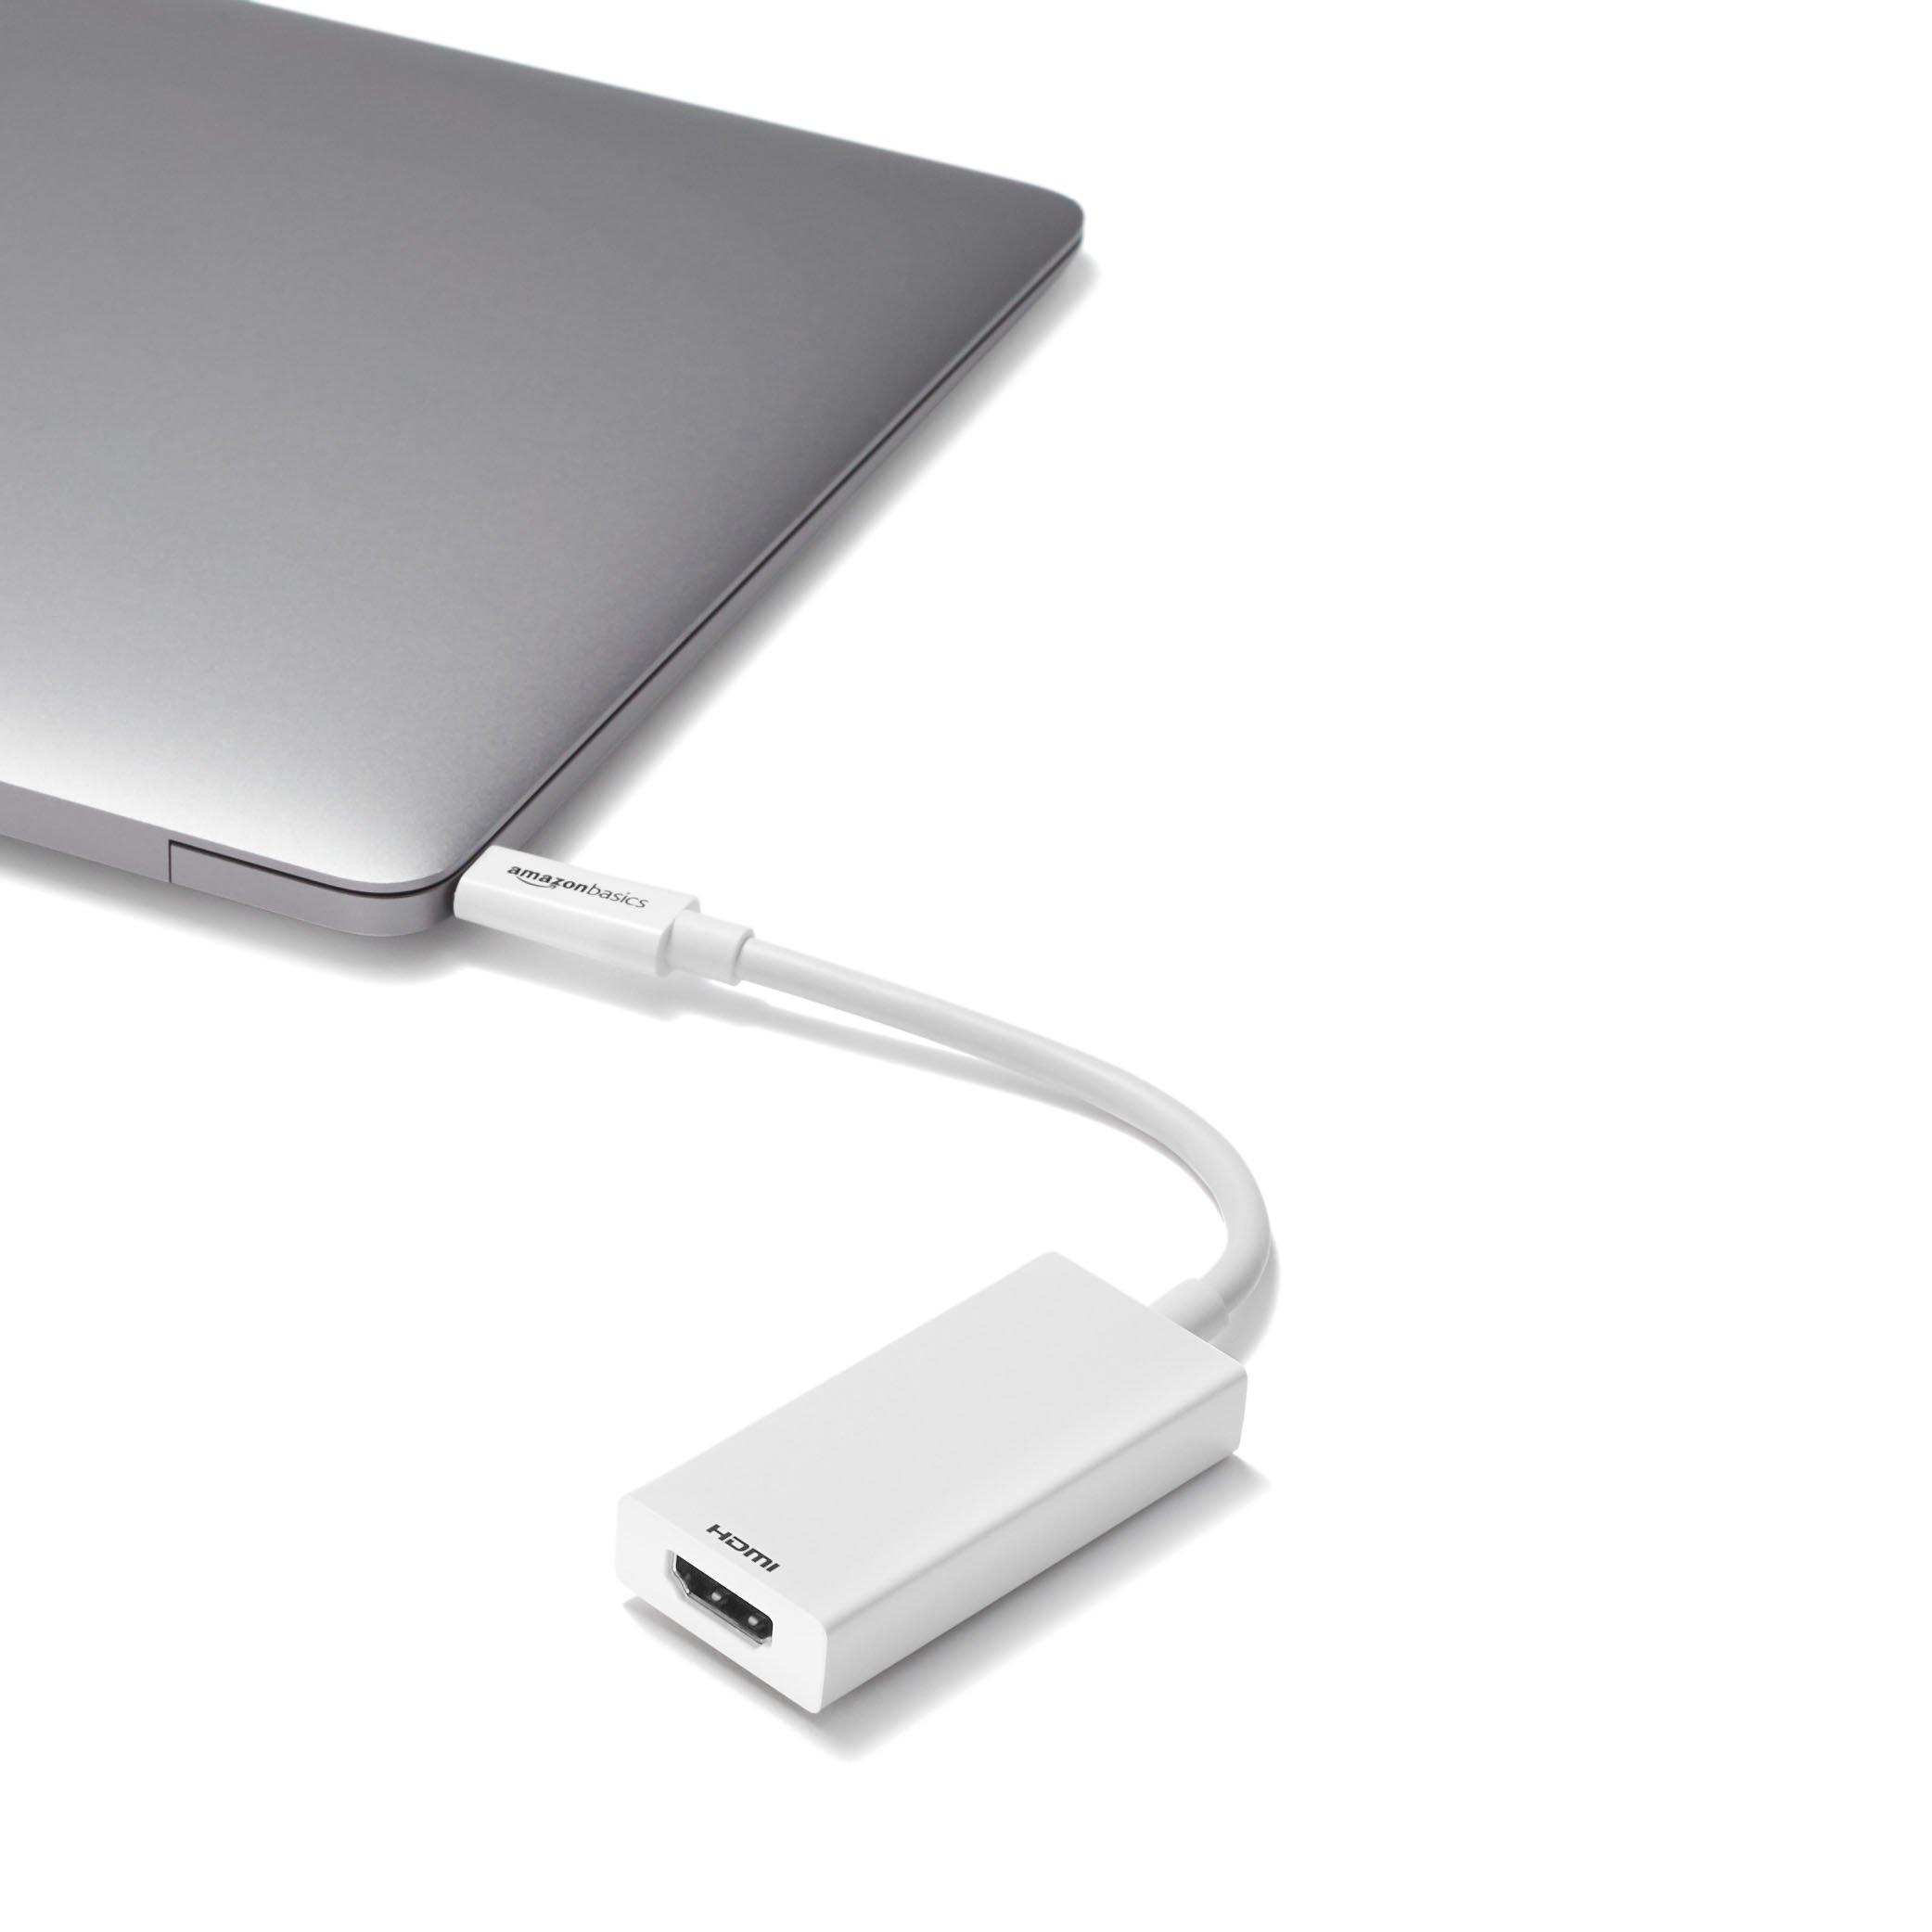 AmazonBasics USB 3.1 Type-C to HDMI Adapter - White by AmazonBasics (Image #5)